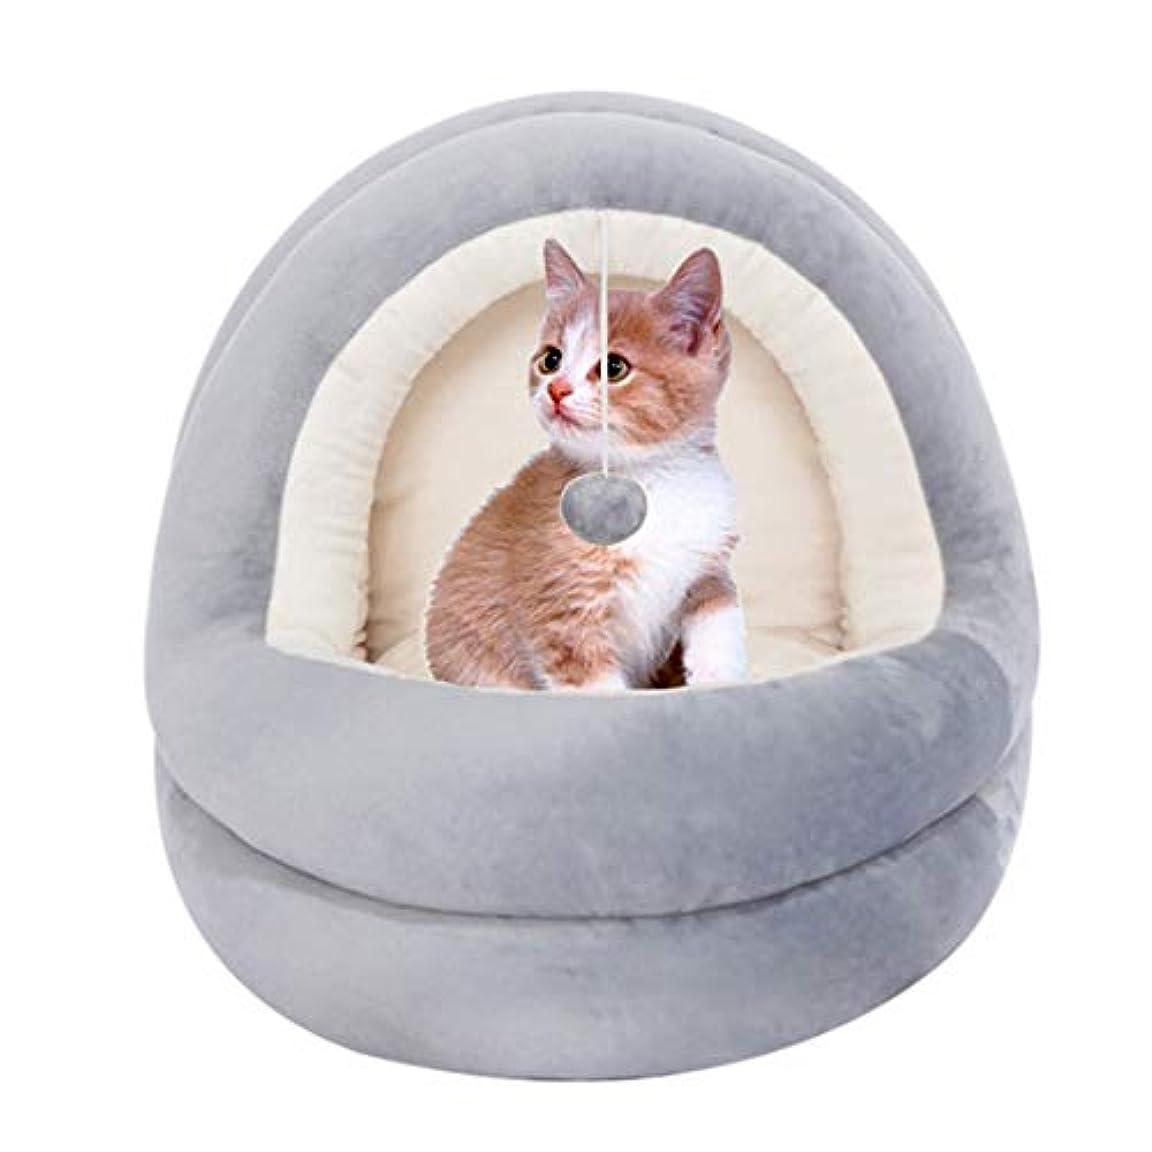 要求懐疑的優しいペットベッド 犬小屋ペット巣猫ハウスペットは最良の選択製品猫のトイレペットの屋外や屋内猫のトイレ猫のような家猫プレイ眠れる森用品 (色 : Two-tone, Size : 42x40x38cm)